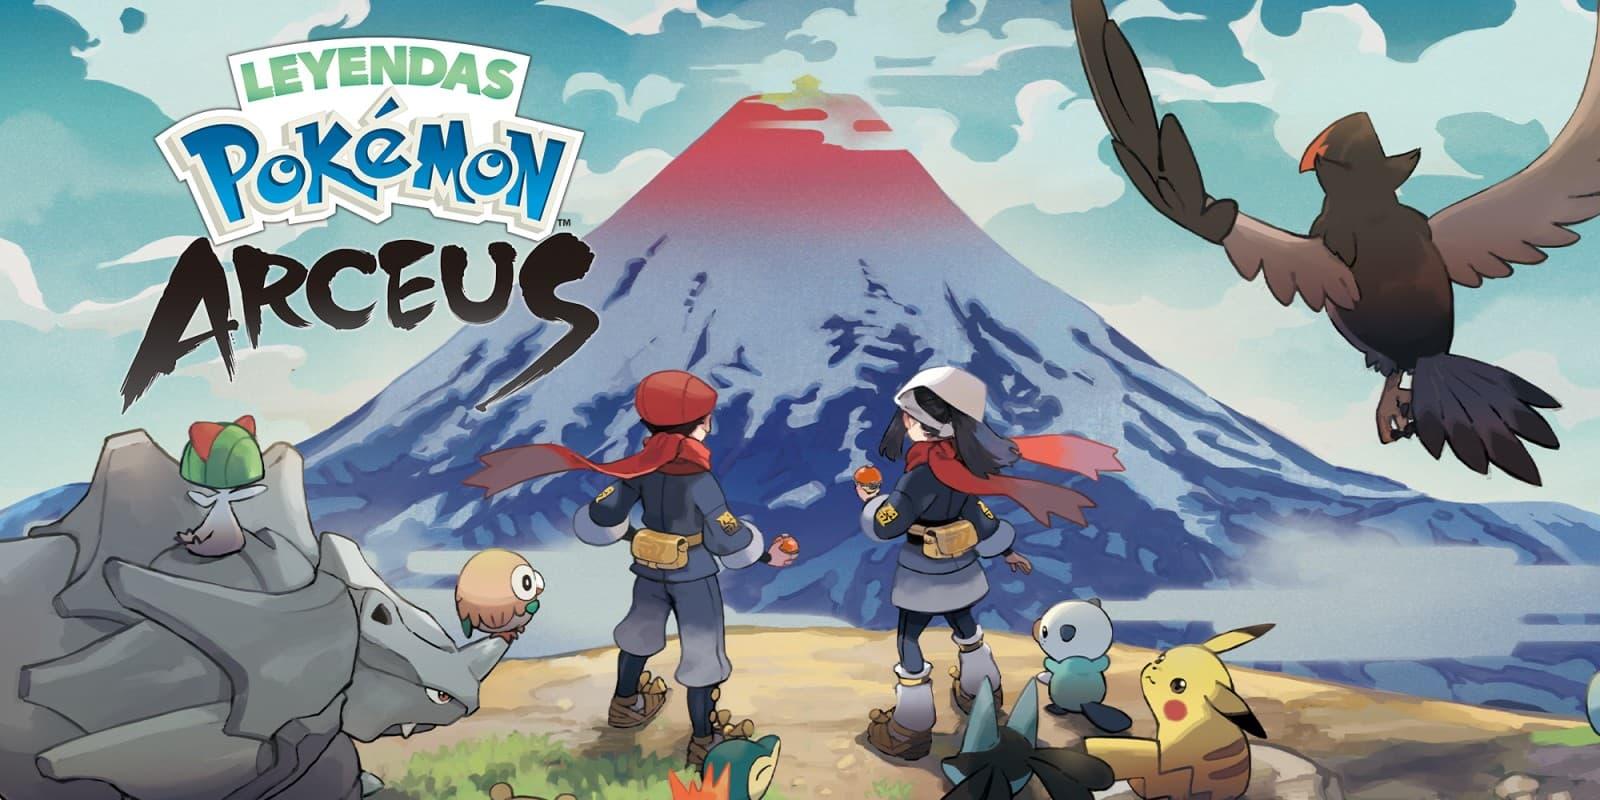 Las nuevas formas y pokémon de Leyendas Pokémon: Arceus | Kyaooo